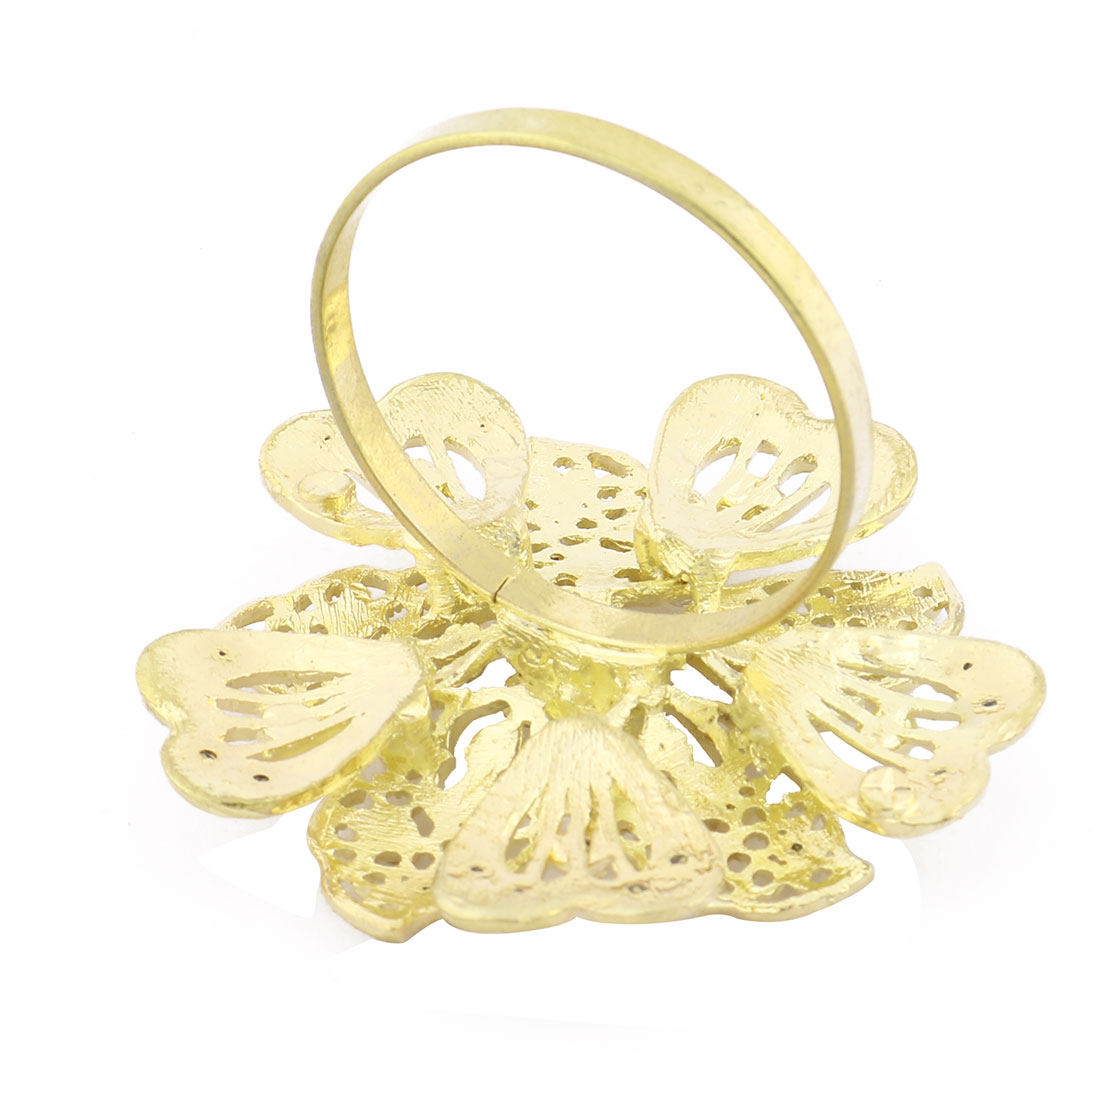 Household Metal Flower Detail Dinner Napkin Serviette Holder Ring Gold Tone - image 1 of 3